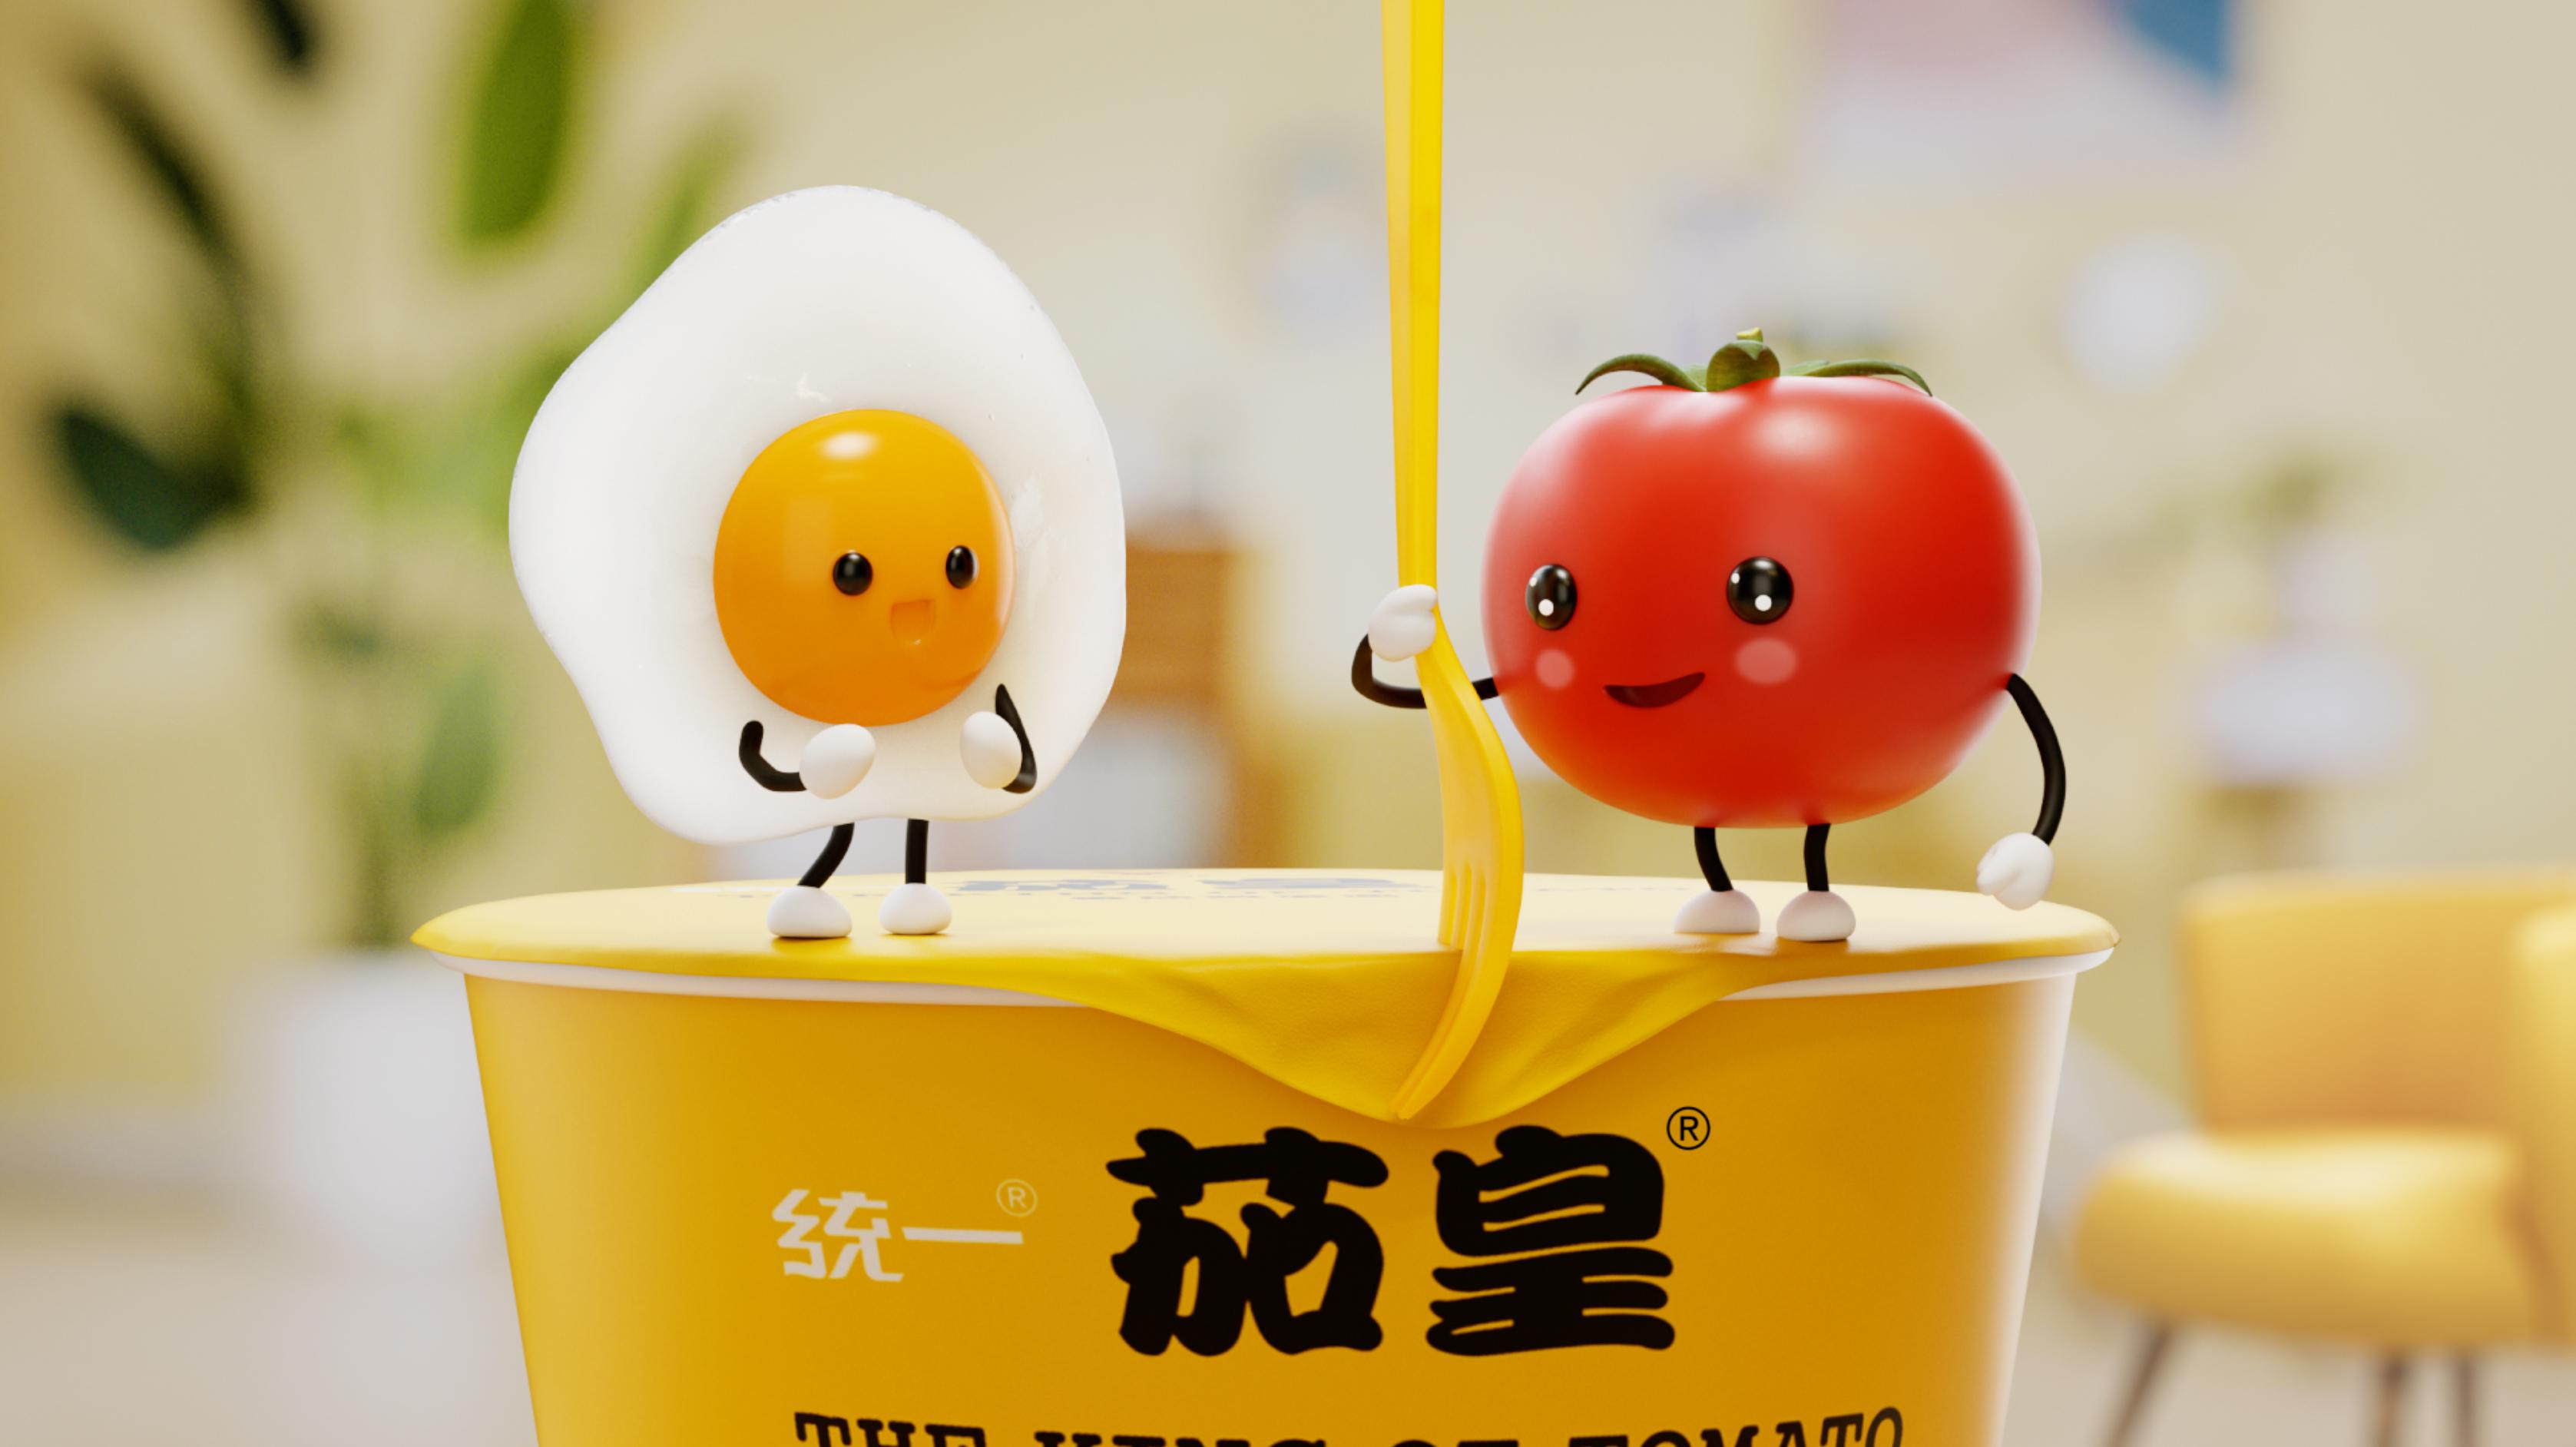 Tomato King_4